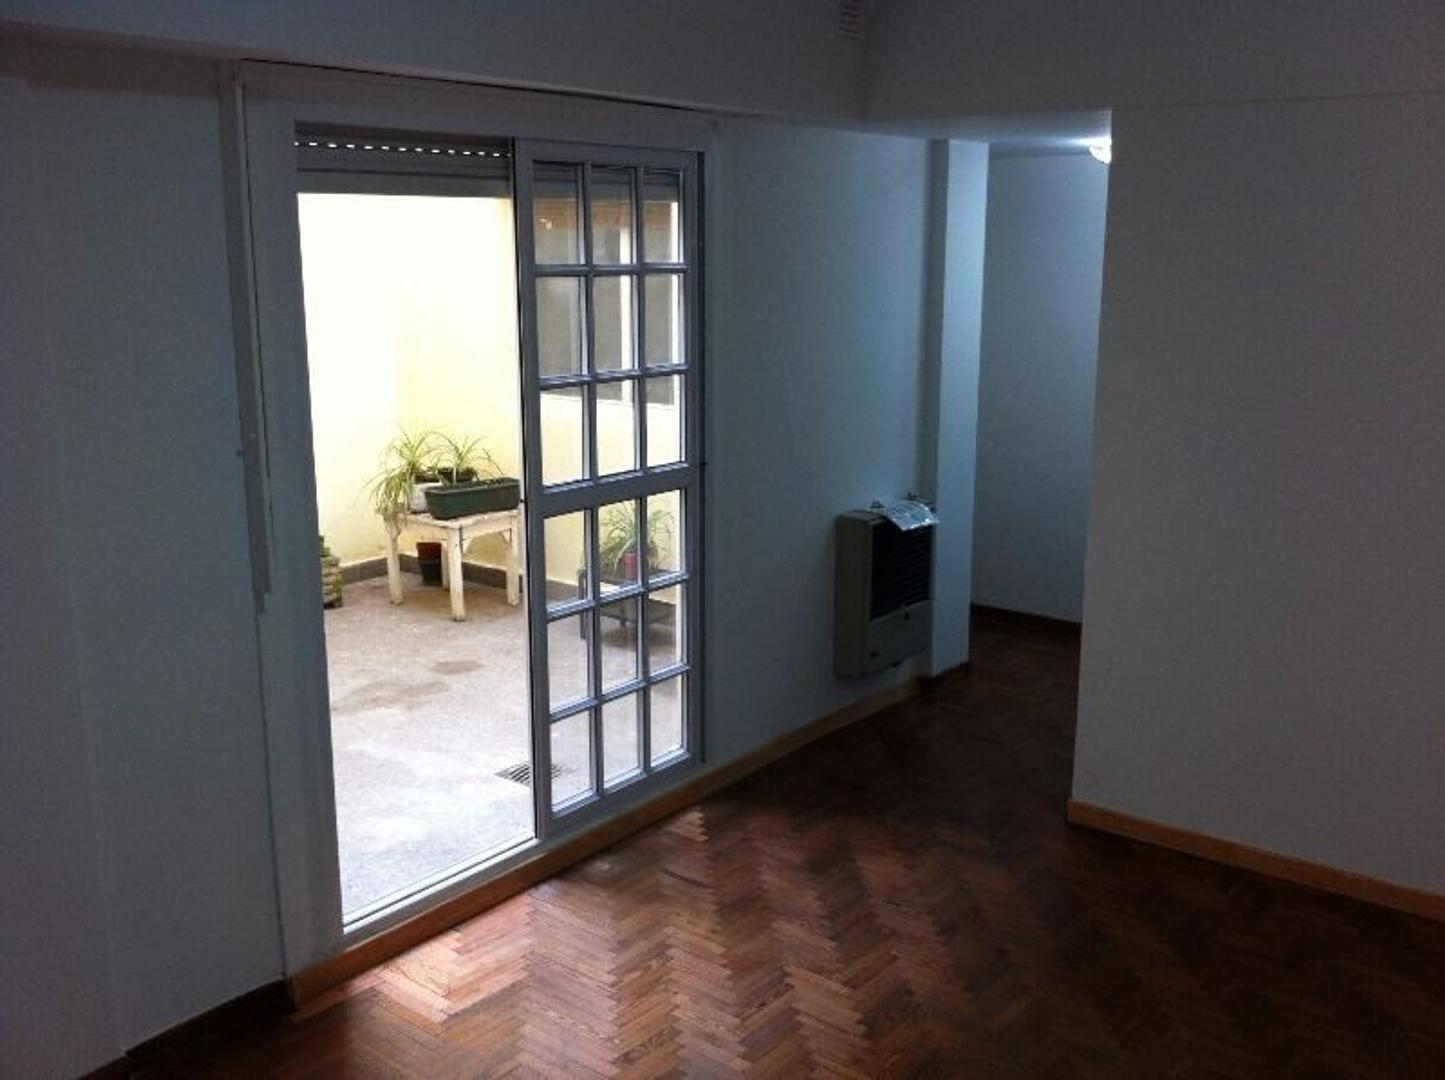 APTO CREDITO -2 amb - bajas expensas - patio luminoso - cocina indep´te - pisos de madera